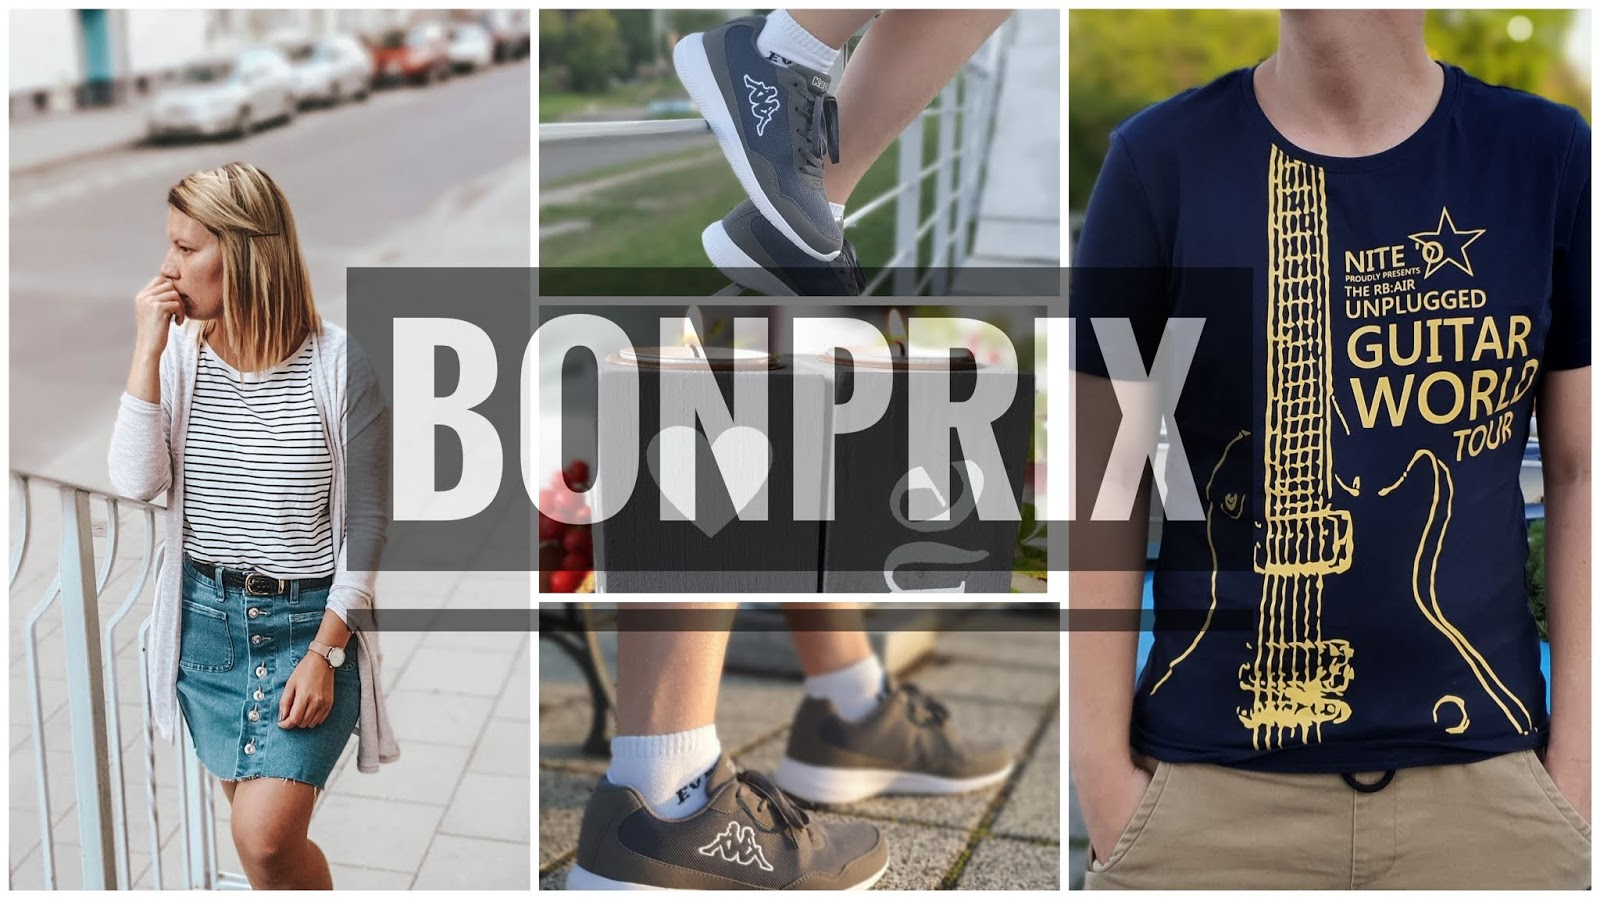 Moje pierwsze zamówienie z Bonprix - niby haul zakupowy, dla Niej, dla Niego i do domu..